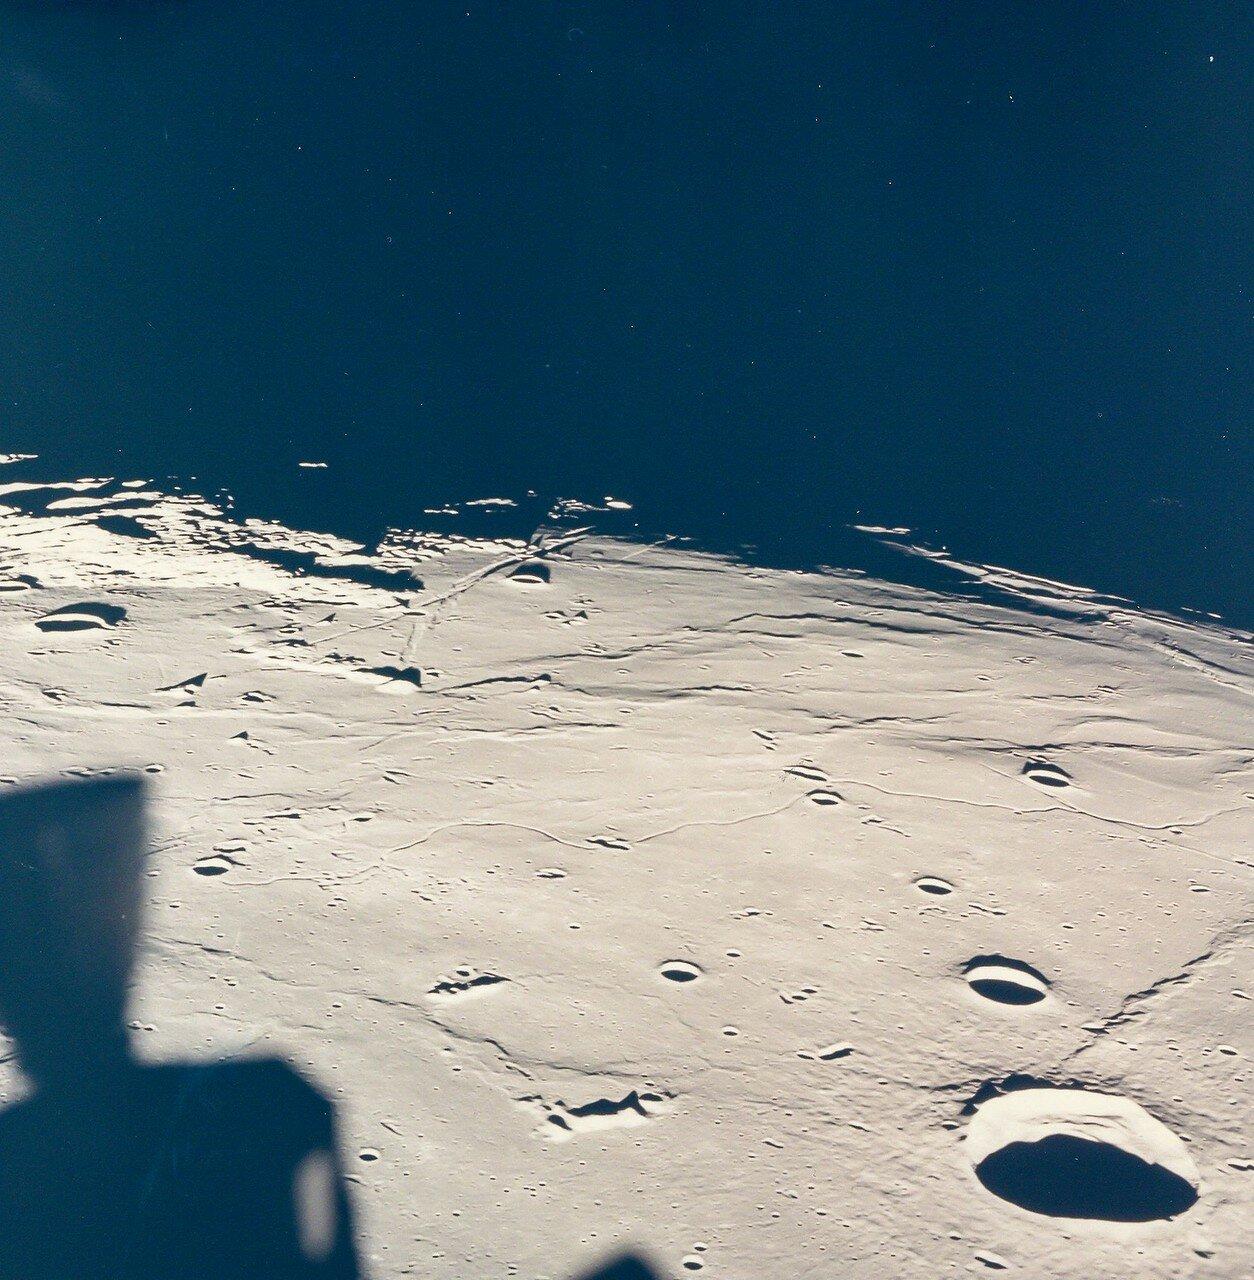 Как вспоминал Армстронг, на высоте около 9 метров «Орёл» по неизвестной причине начал перемещаться влево и назад. С движением назад справиться удалось, но полностью погасить перемещение влево не получилось